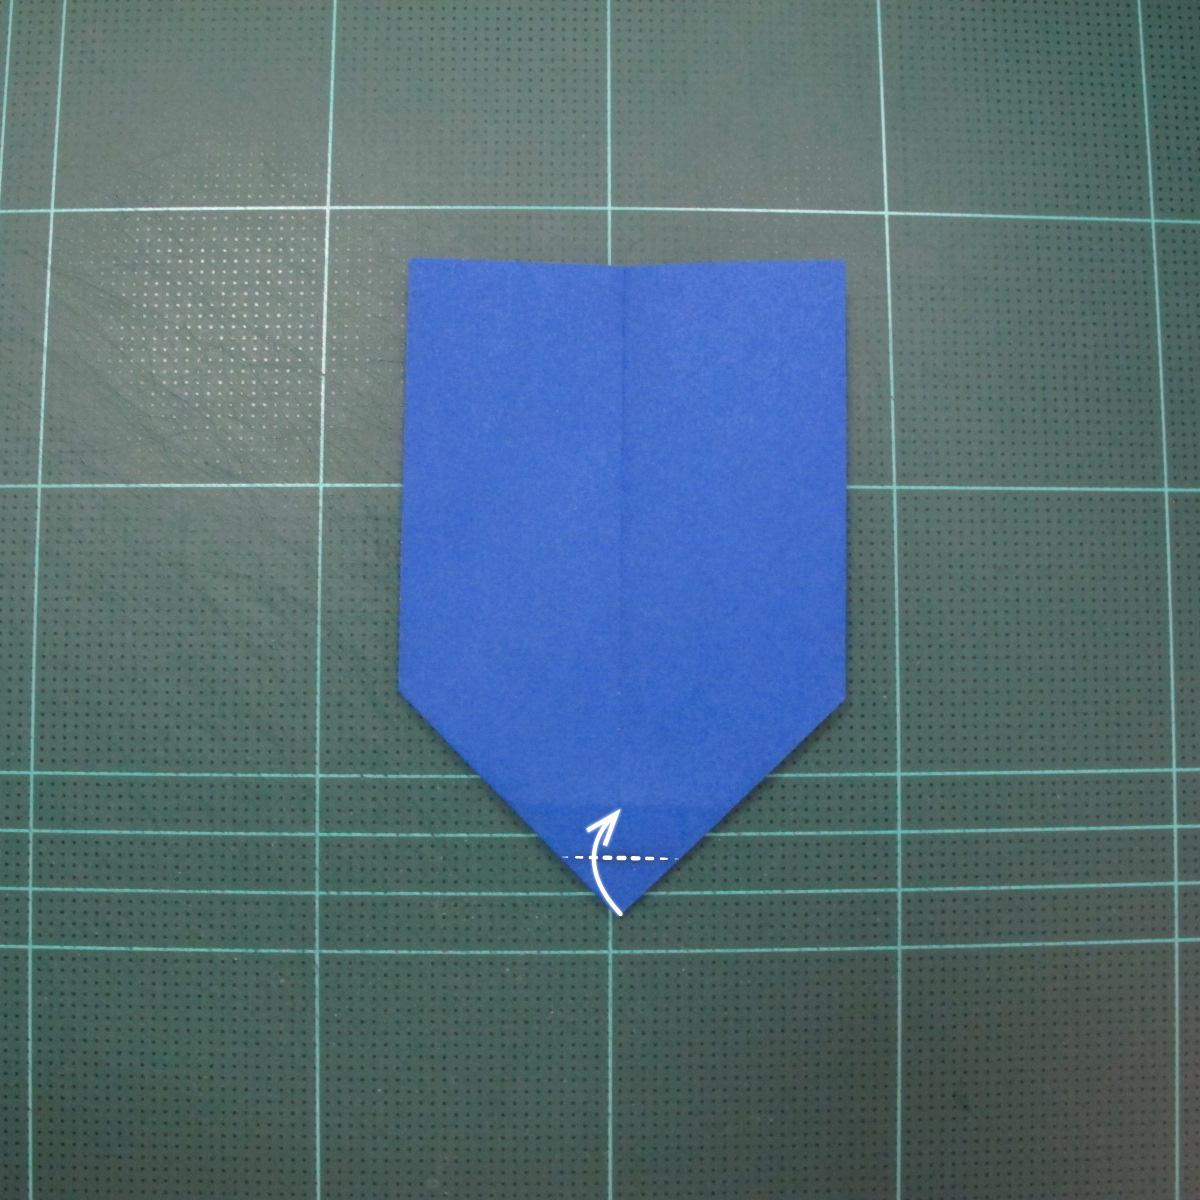 วิธีการพับกระดาษเป็นรูปกระต่าย แบบของเอ็ดวิน คอรี่ (Origami Rabbit)  010